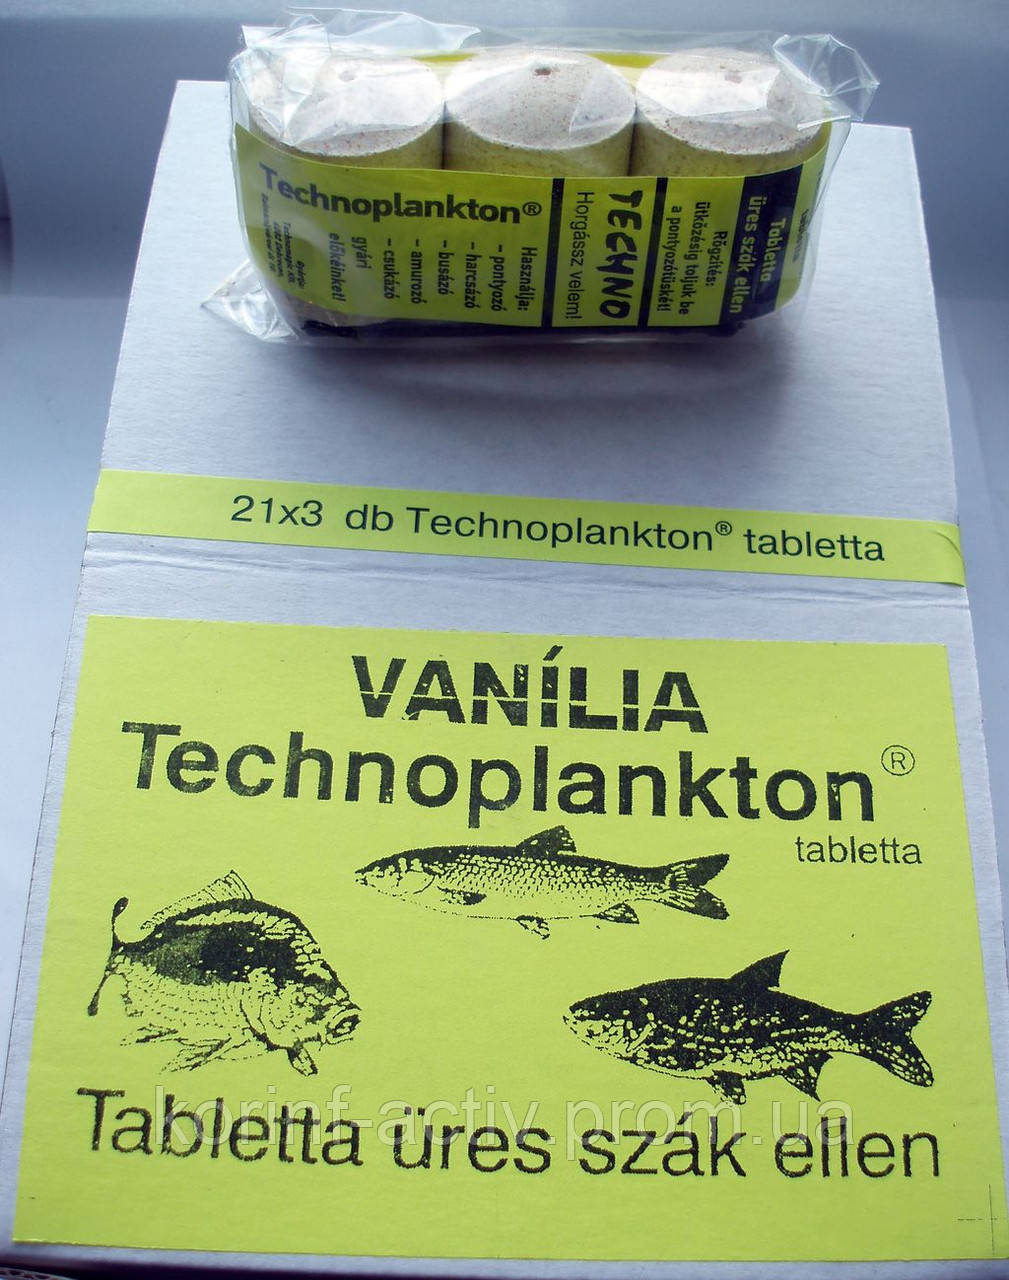 продажа технопланктона в ростове